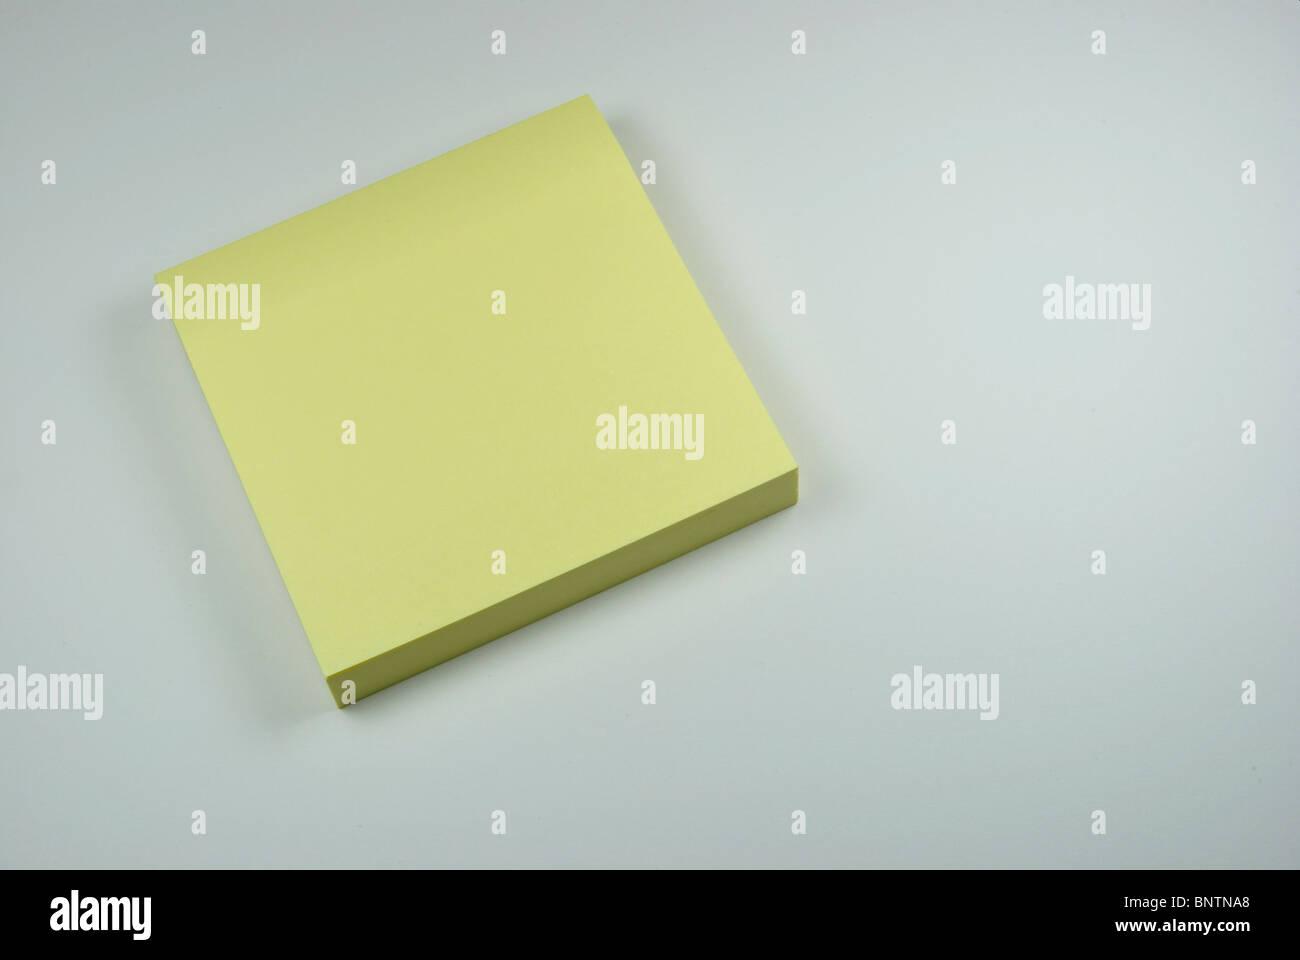 Nota adesiva su sfondo bianco. Immagini Stock